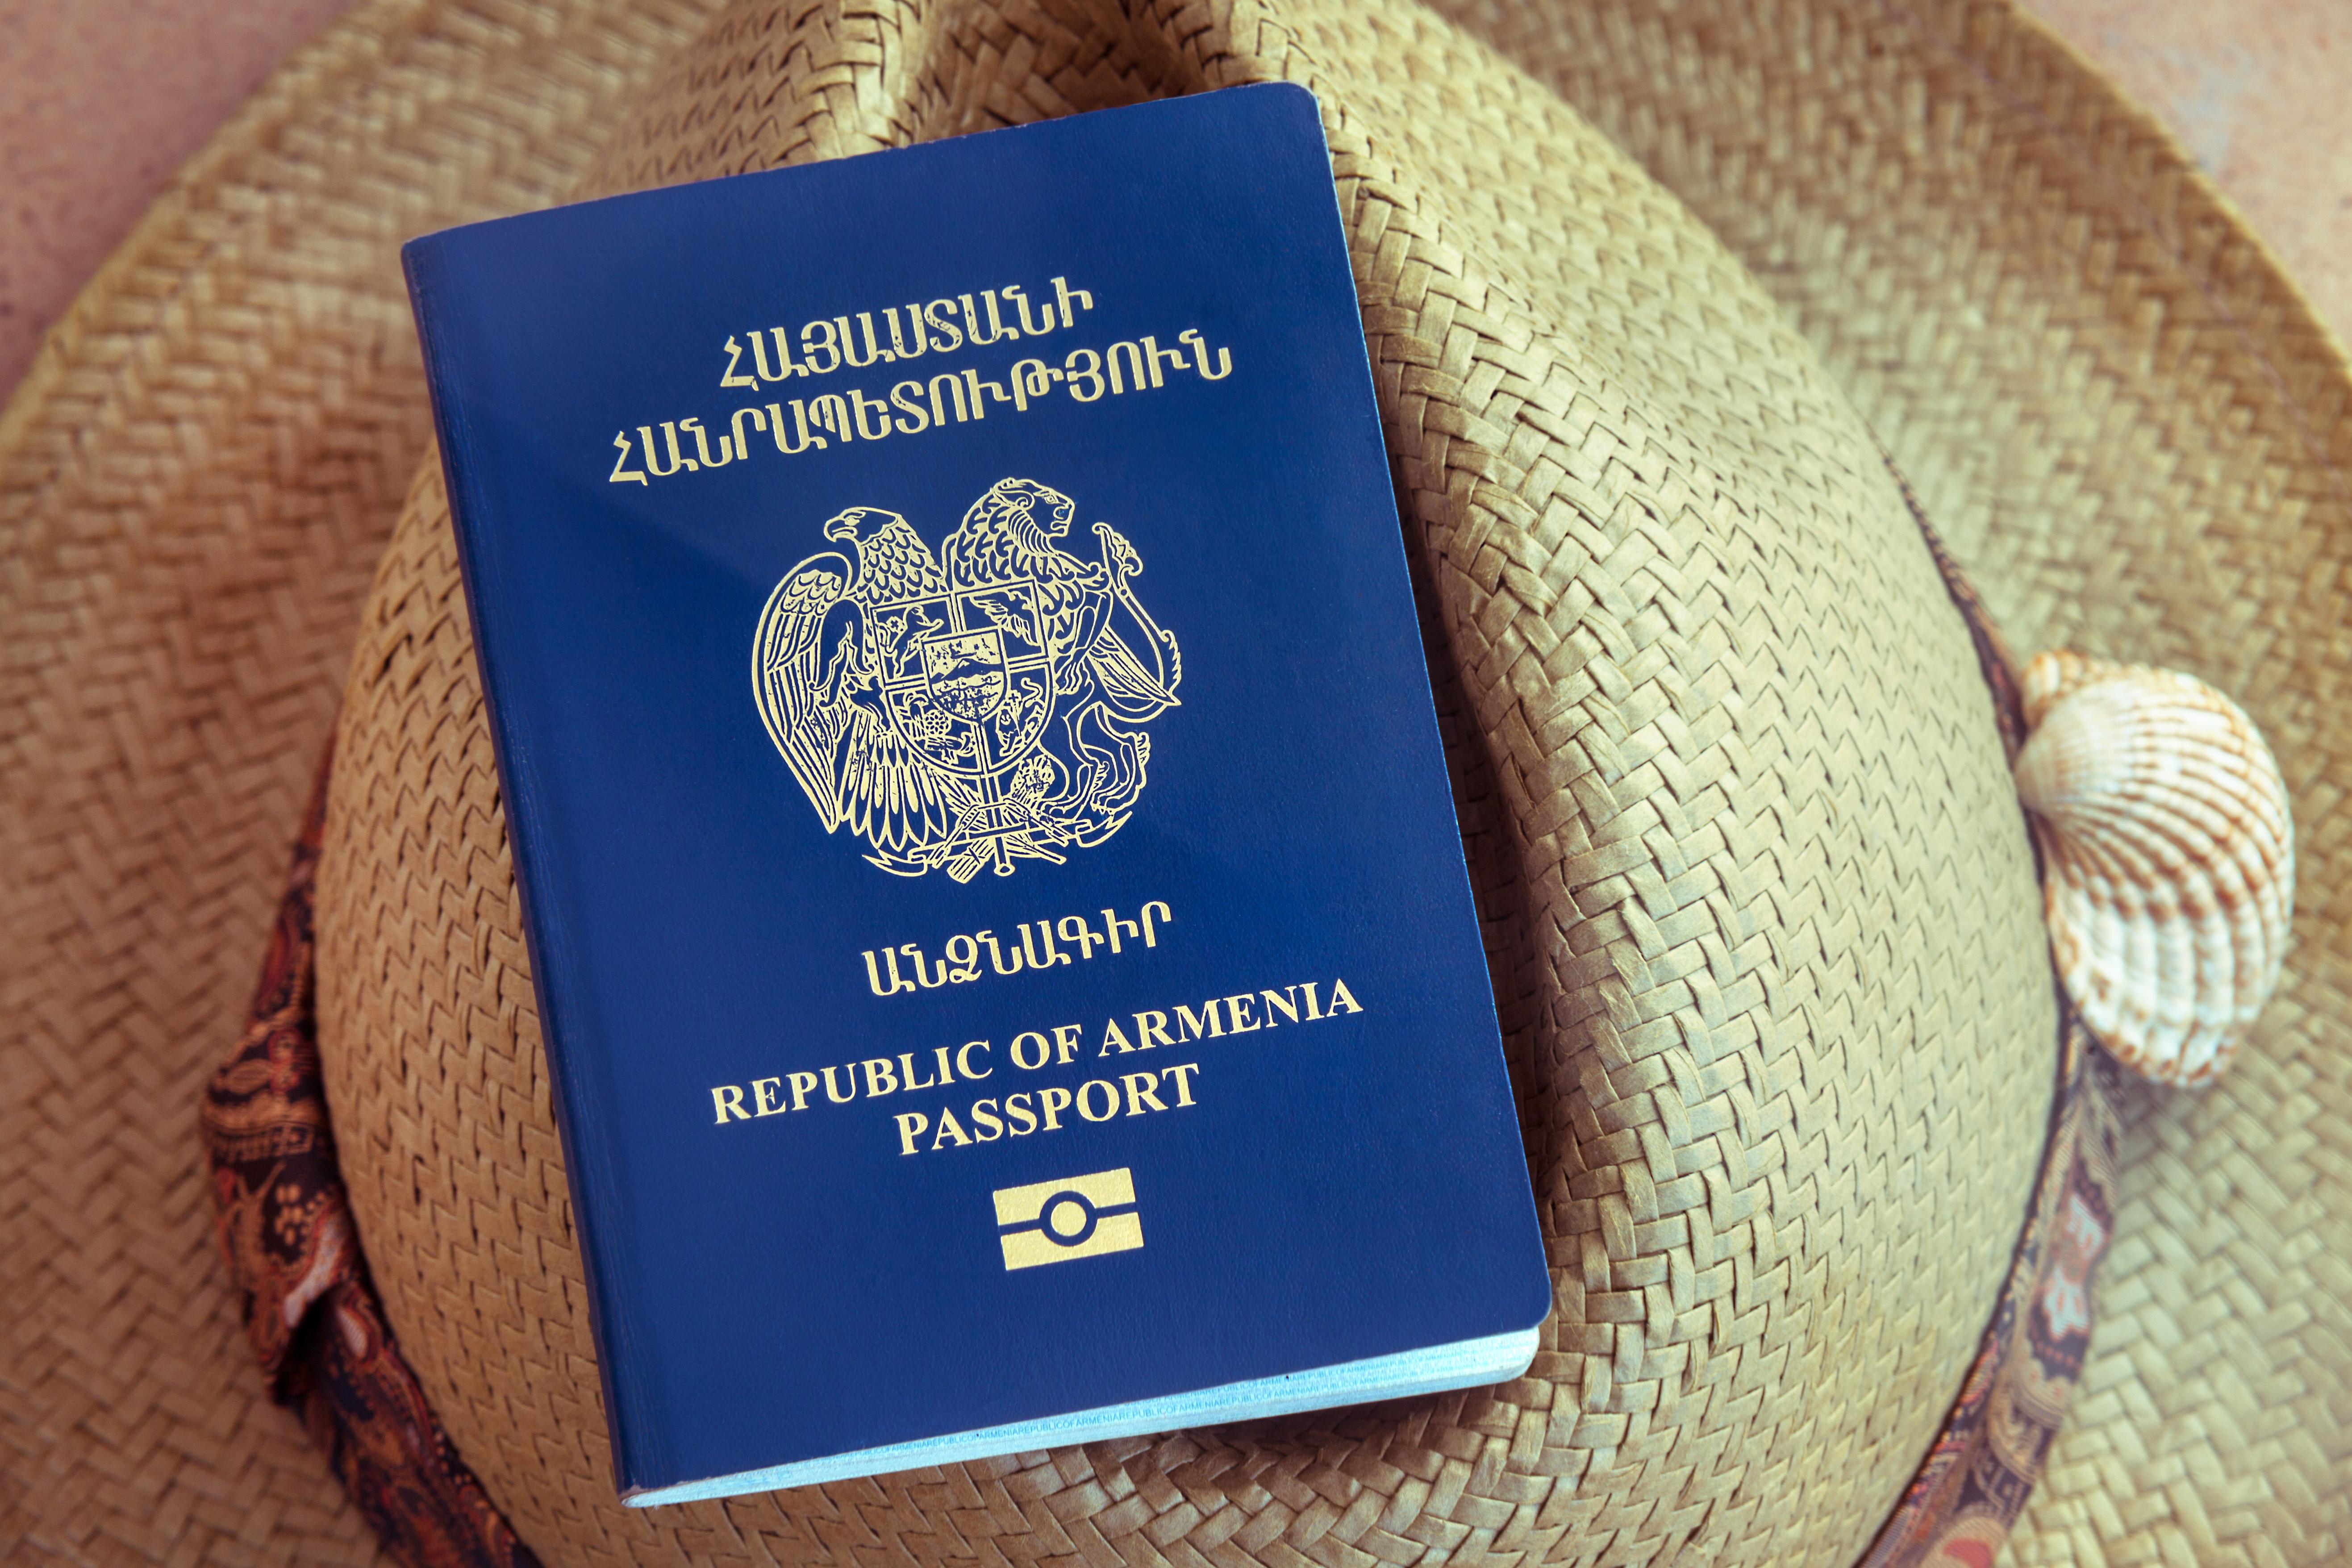 Армянский паспорт, который могут оформить иностранцы